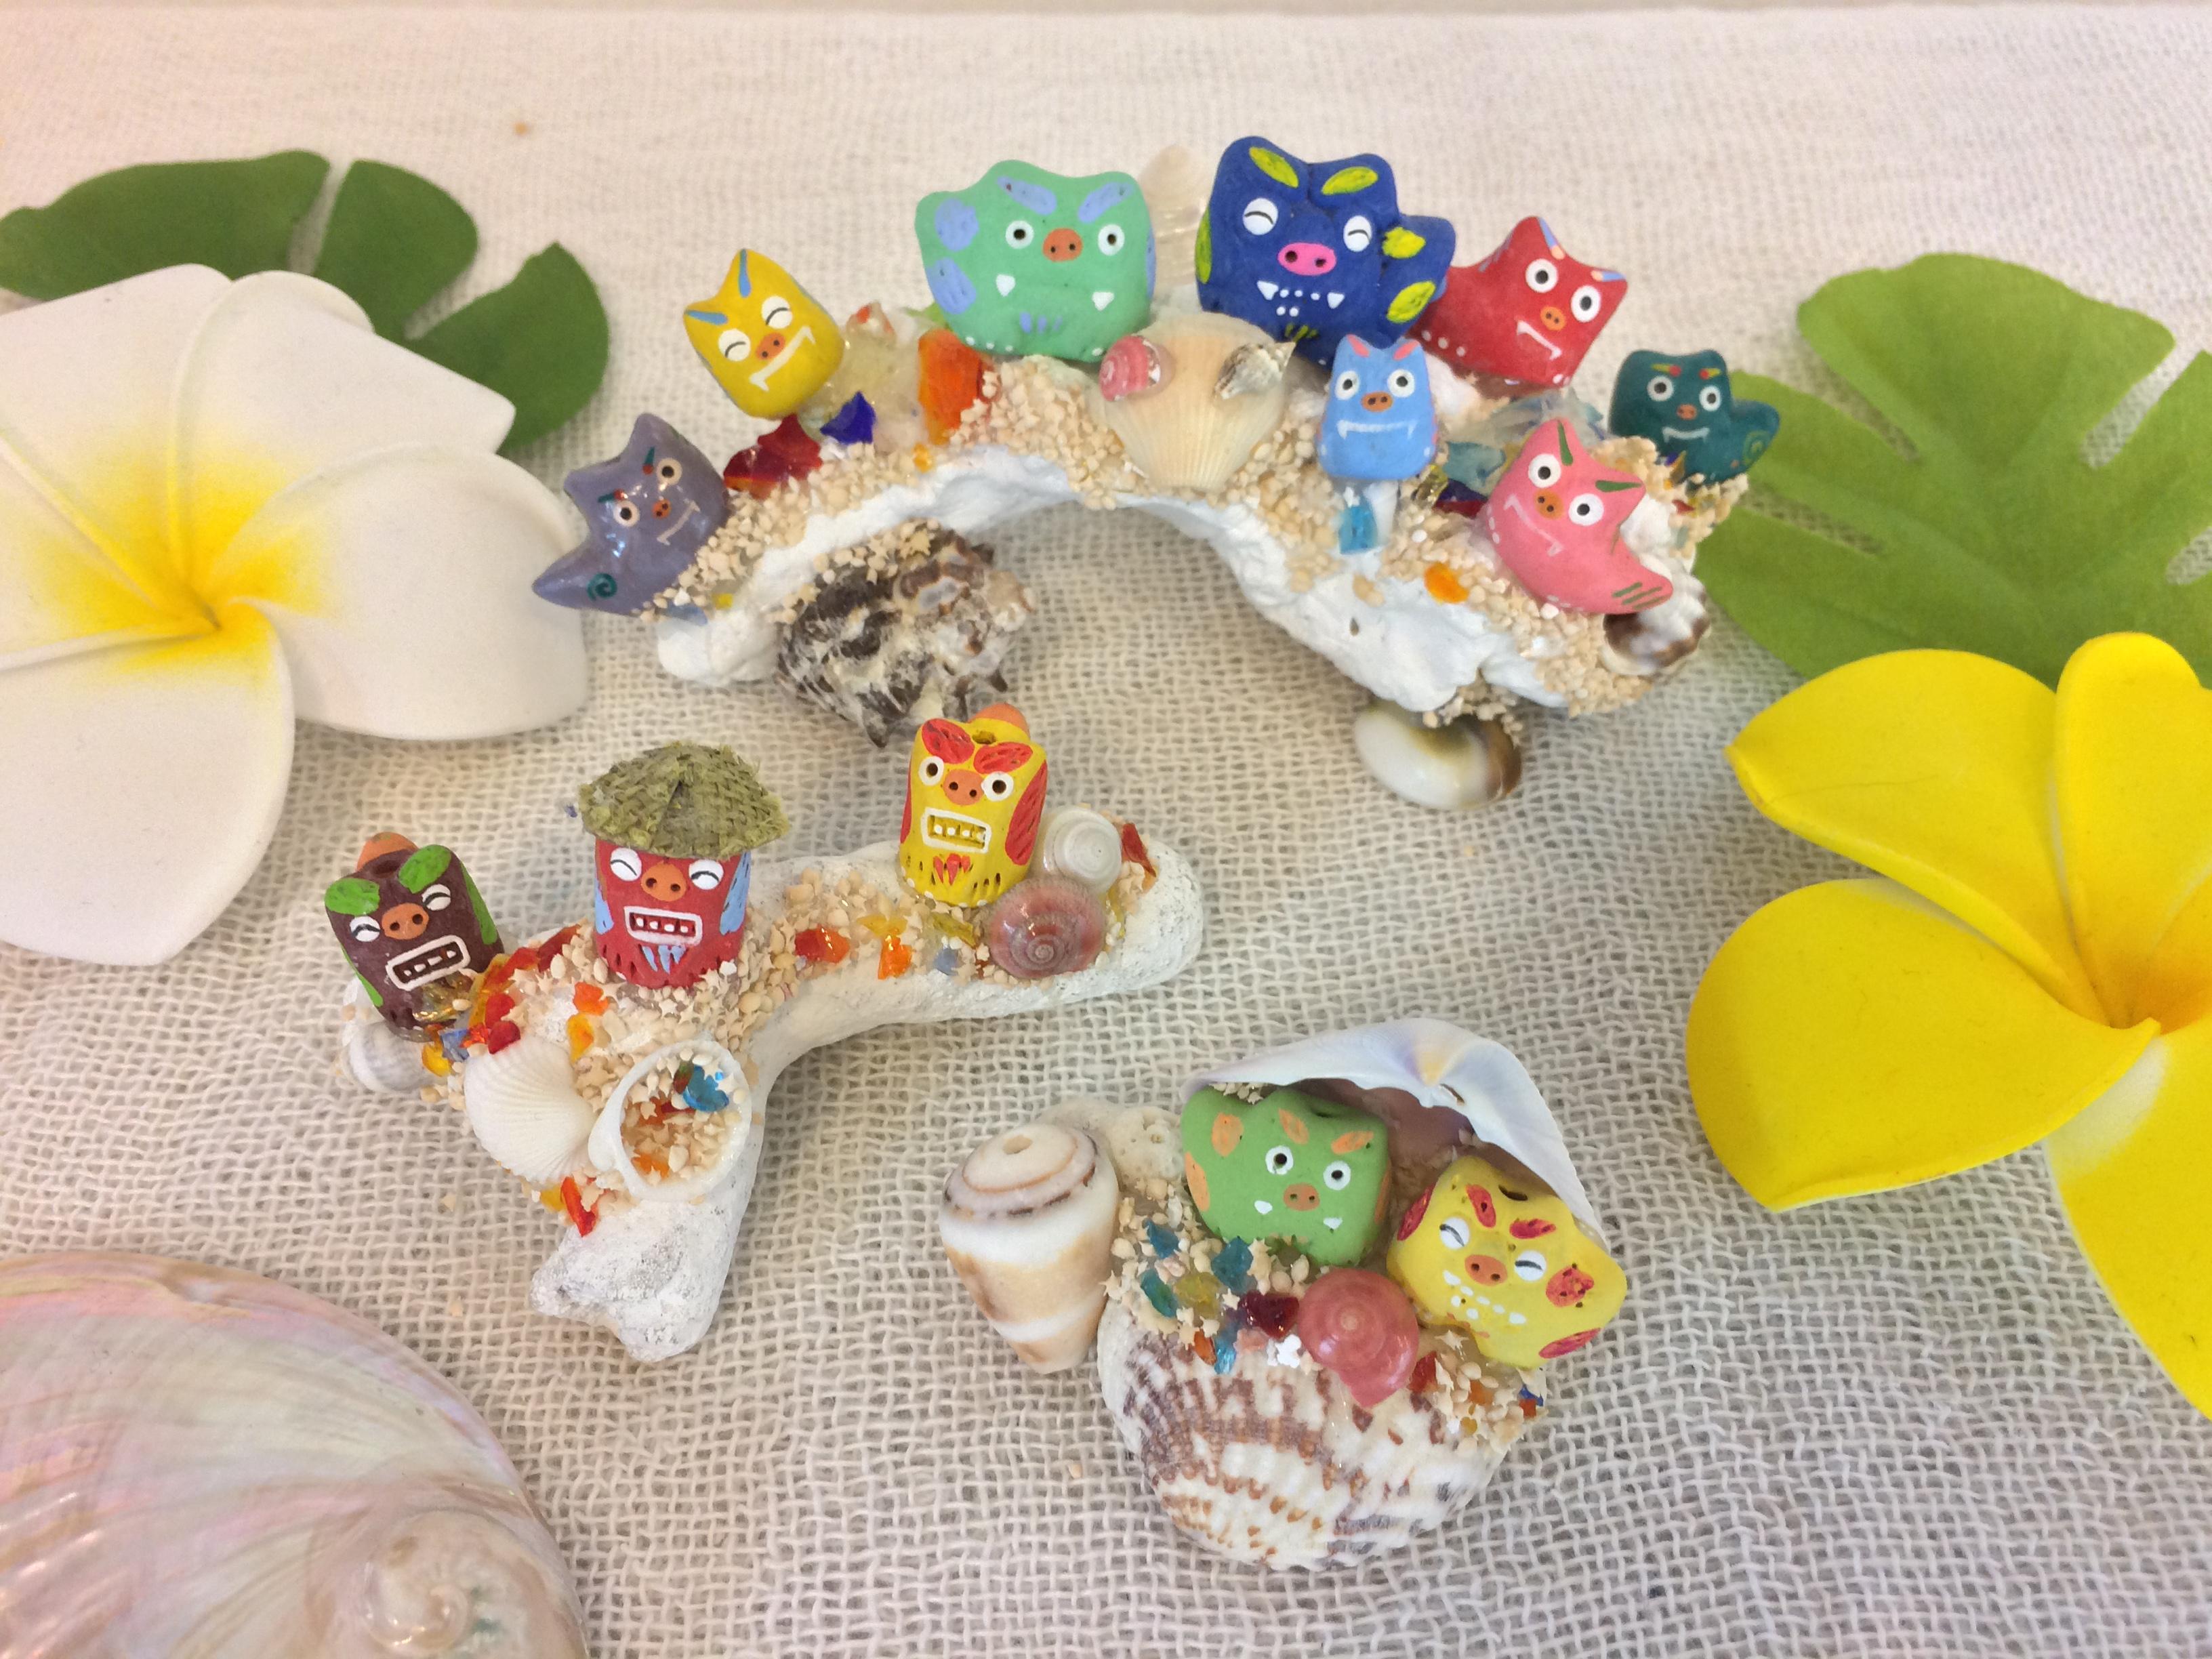 大人気!サンゴシーサー☆ 2匹乗りから8匹乗りまでご用意しております。別途シーサーの追加もOK! 7匹乗りは「シーサー七福神」という意味もあり人気です(=´∀`)